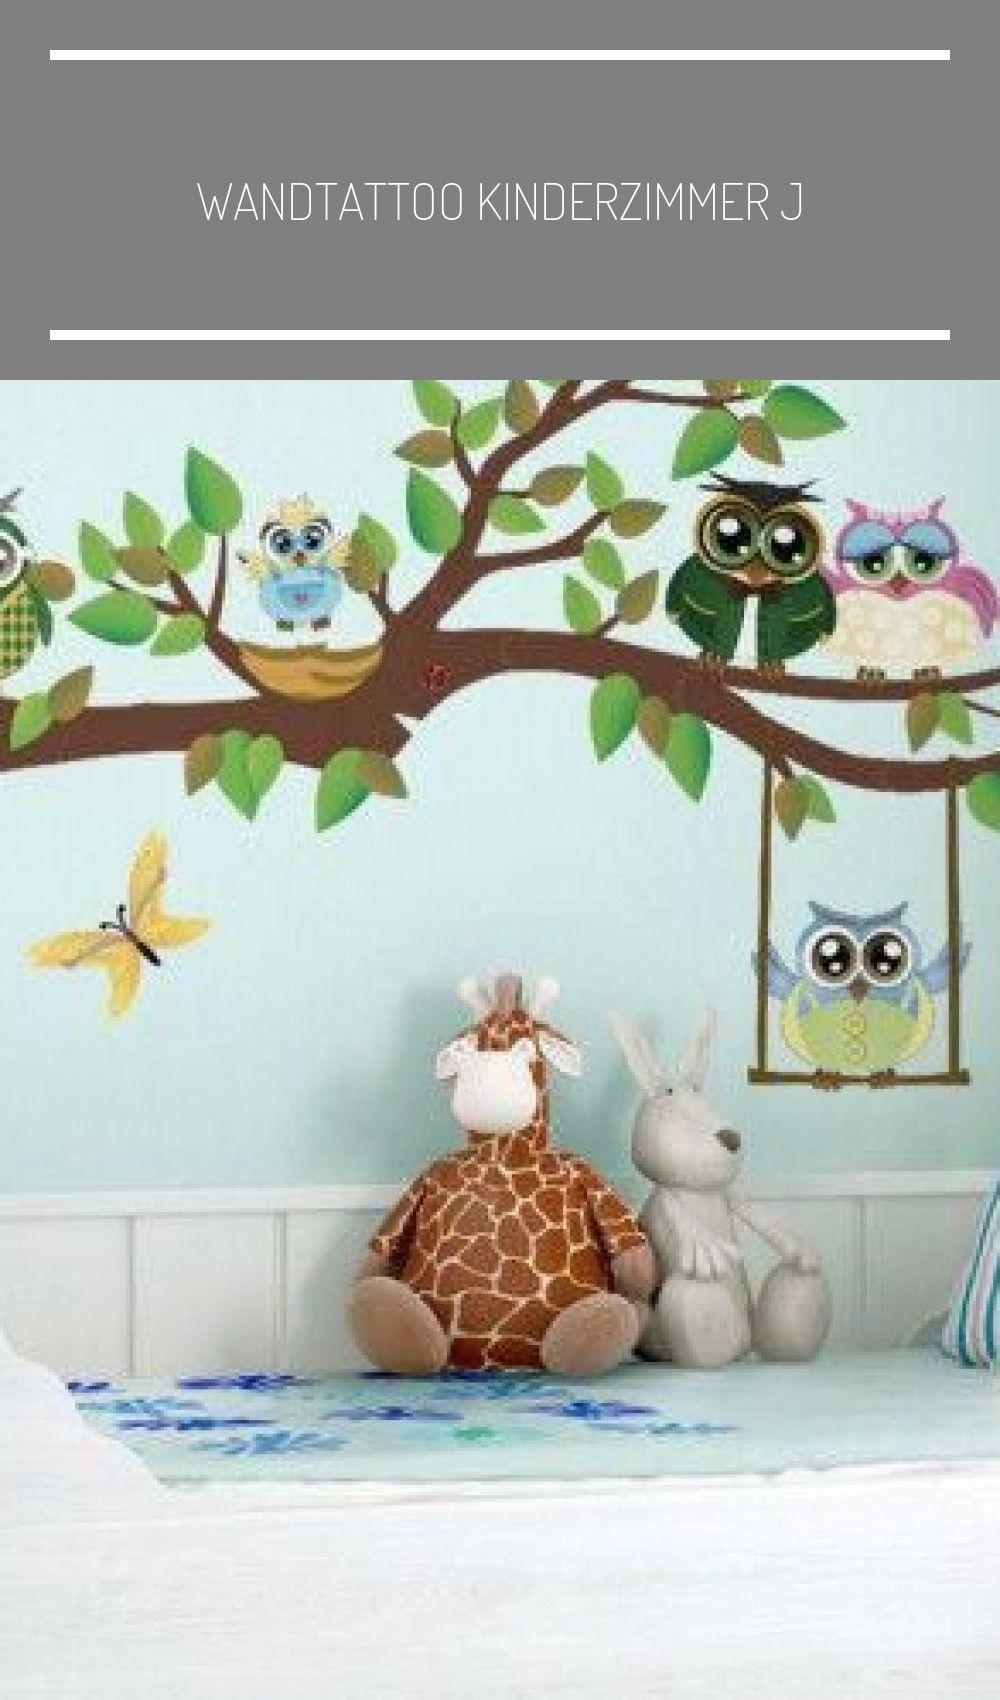 Wandtattoo Kinderzimmer Junge Kinderzimmer Junge Ideen Fabelhaft Fa Jungs Interessant Gestalten Kinderzimmer Gestalten Jun In 2020 Motif Design Nursery Crochet Basics